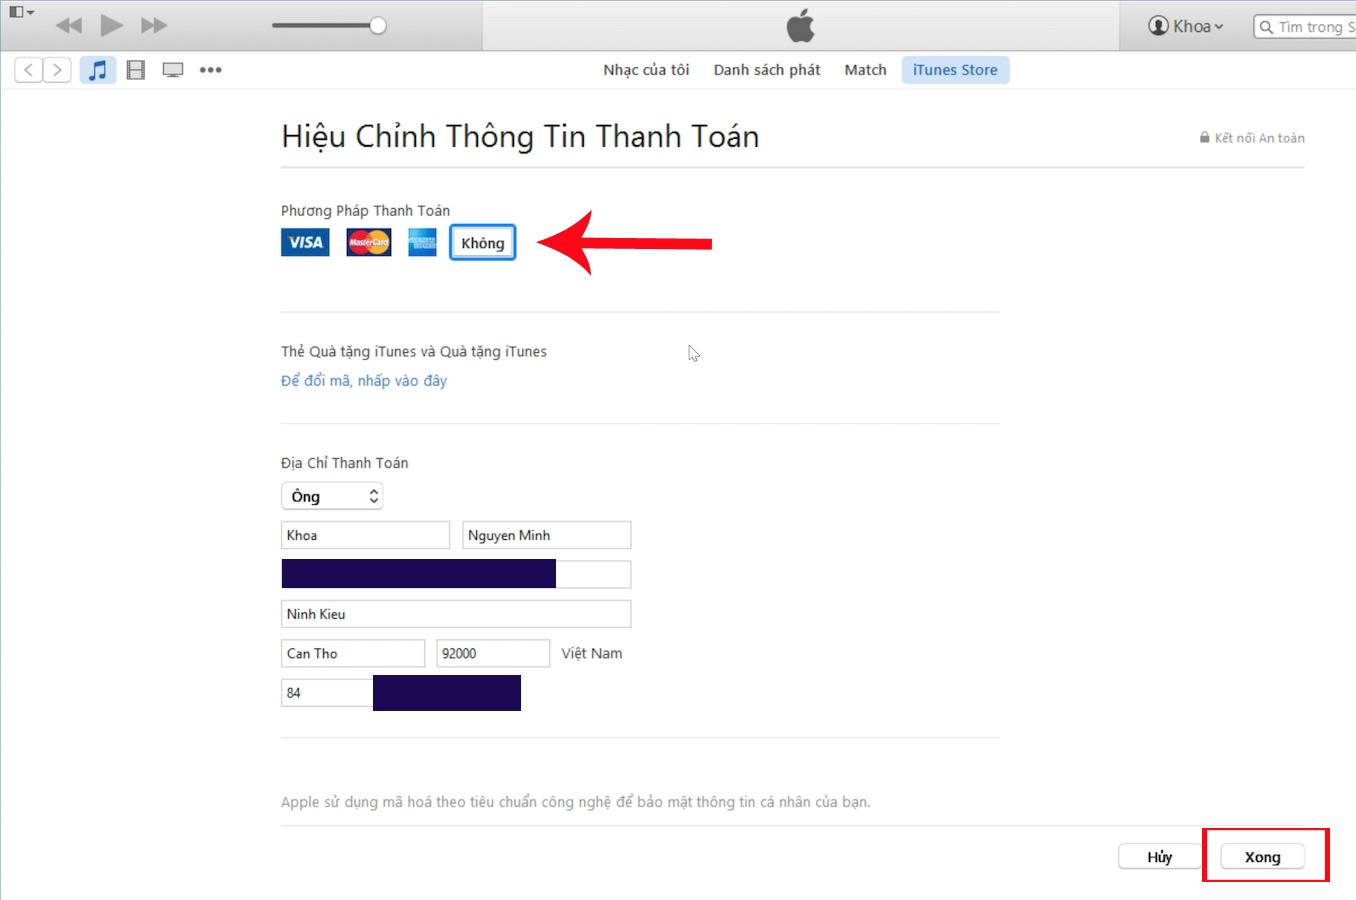 Cách xoá thẻ visa trên iPhone dễ dàng   Hướng dẫn chi tiết